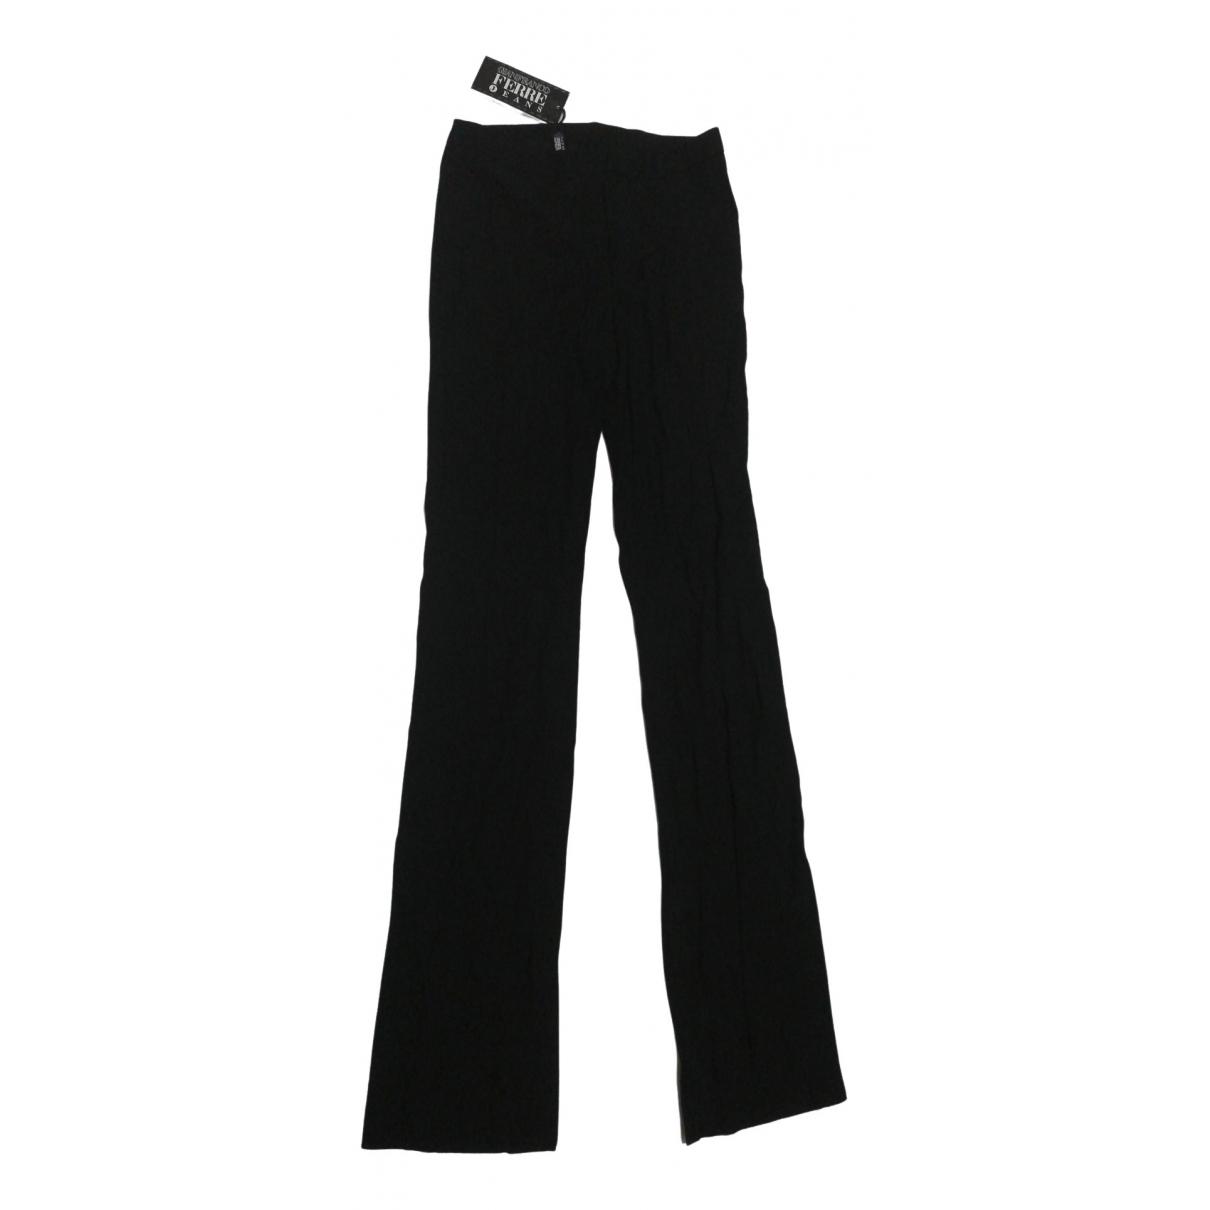 Gianfranco Ferré \N Black Wool Trousers for Women 40 IT